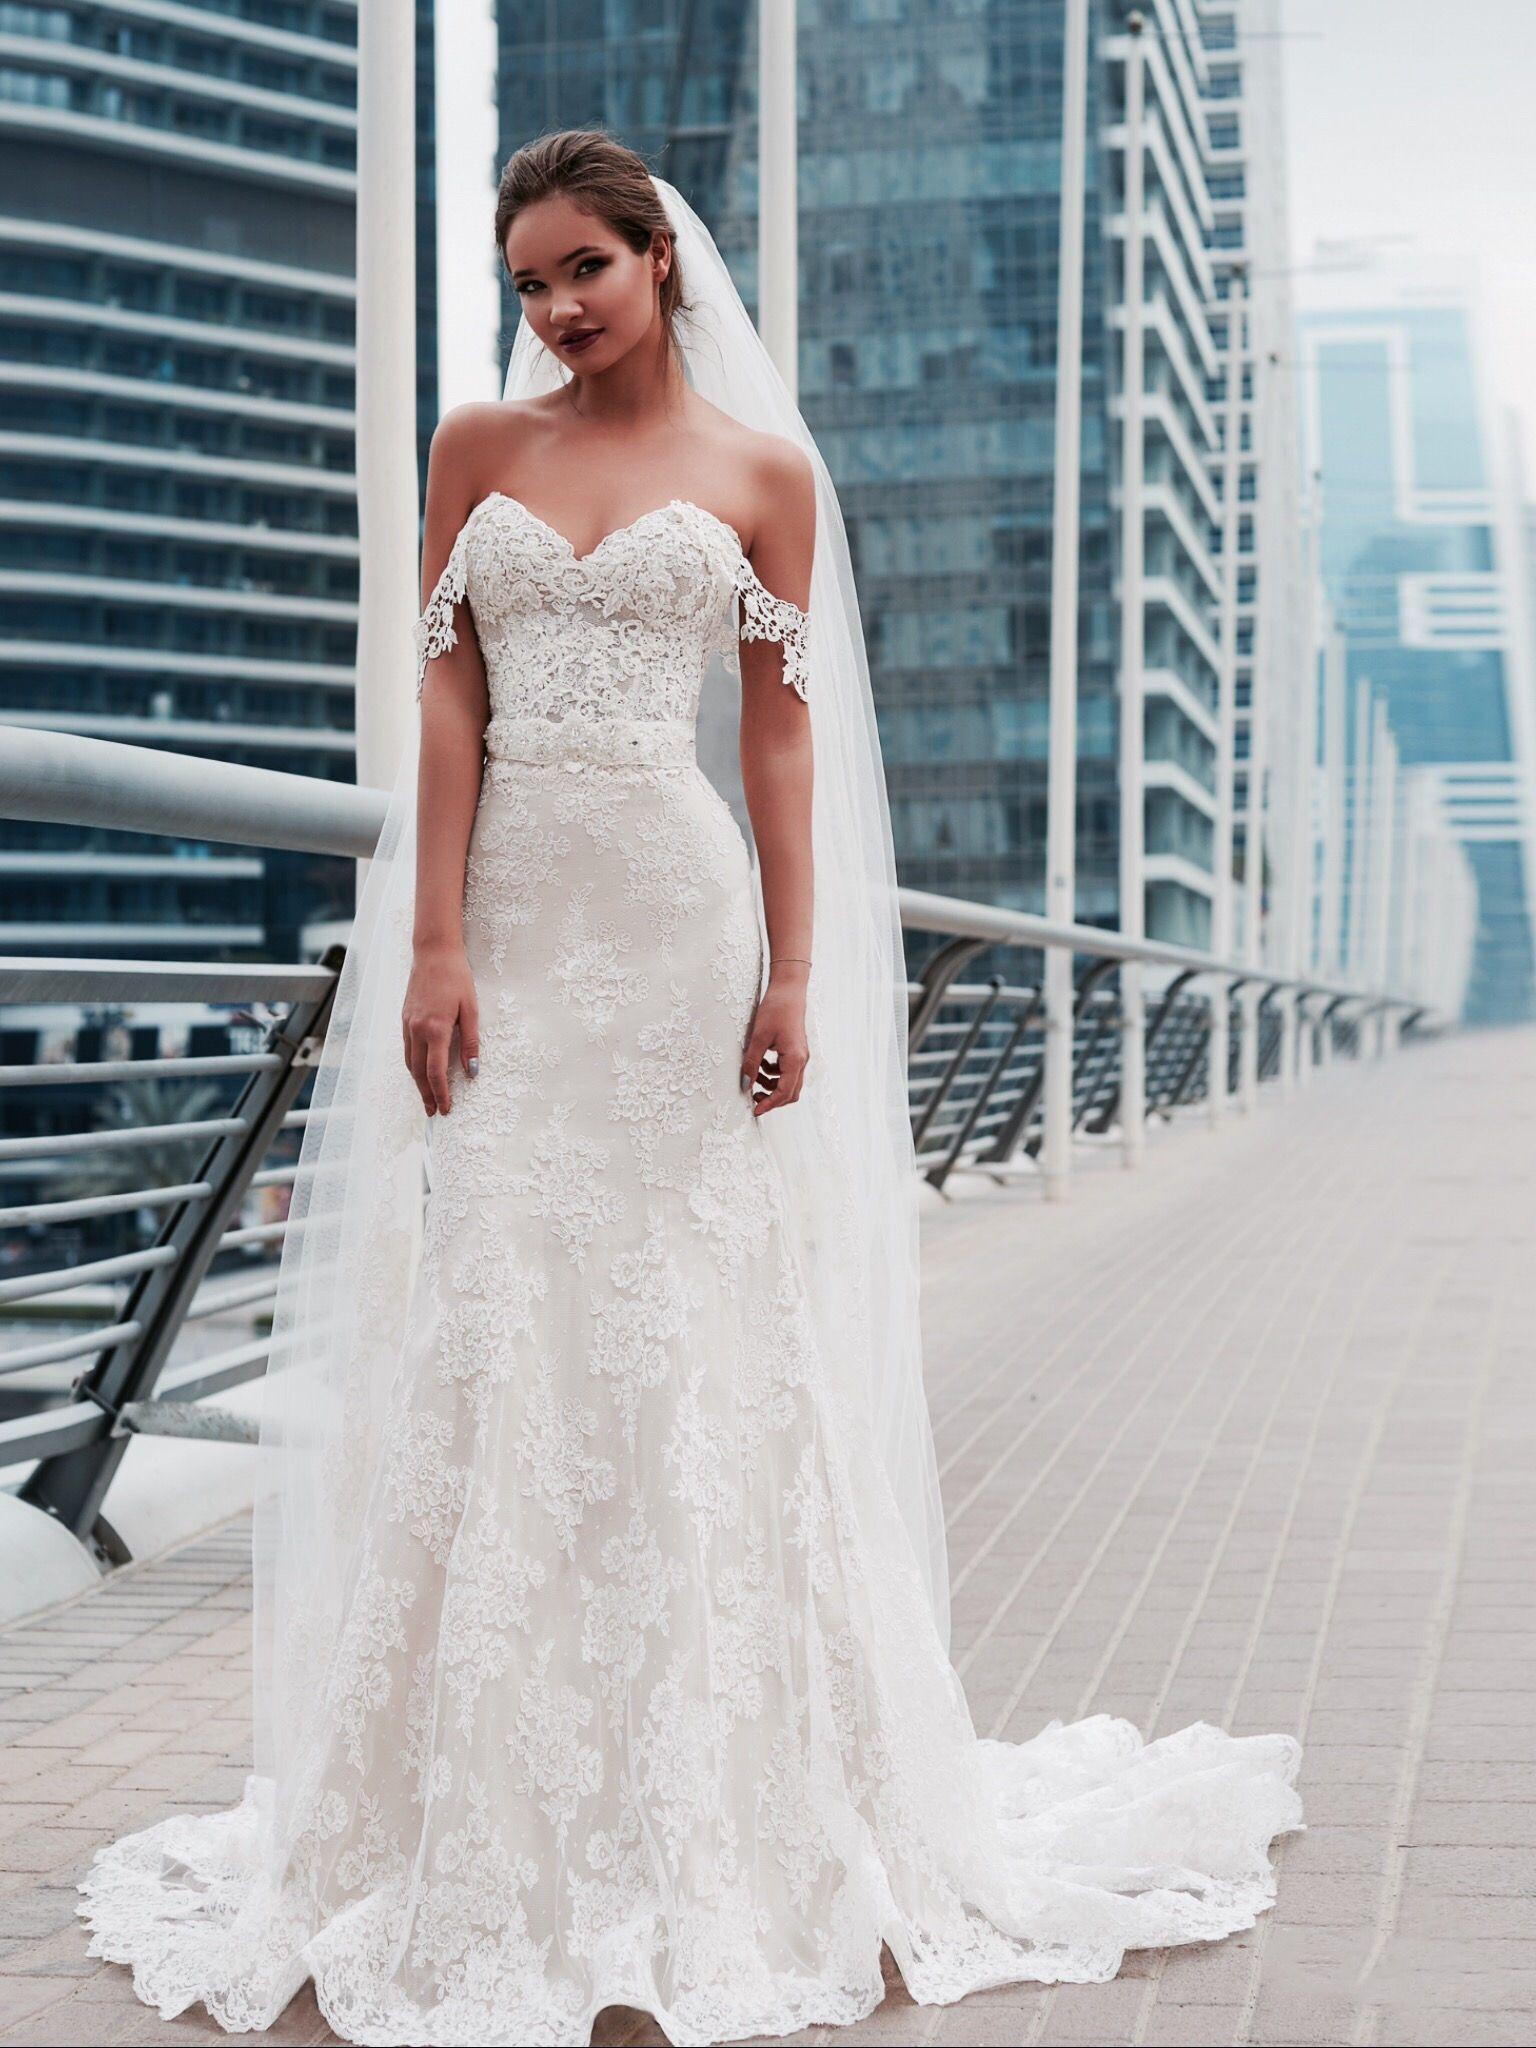 Νυφικα 2018#ρομαντικα νυφικα#νυφικα με εντυπωσιακη πλατη#γοργονε ...